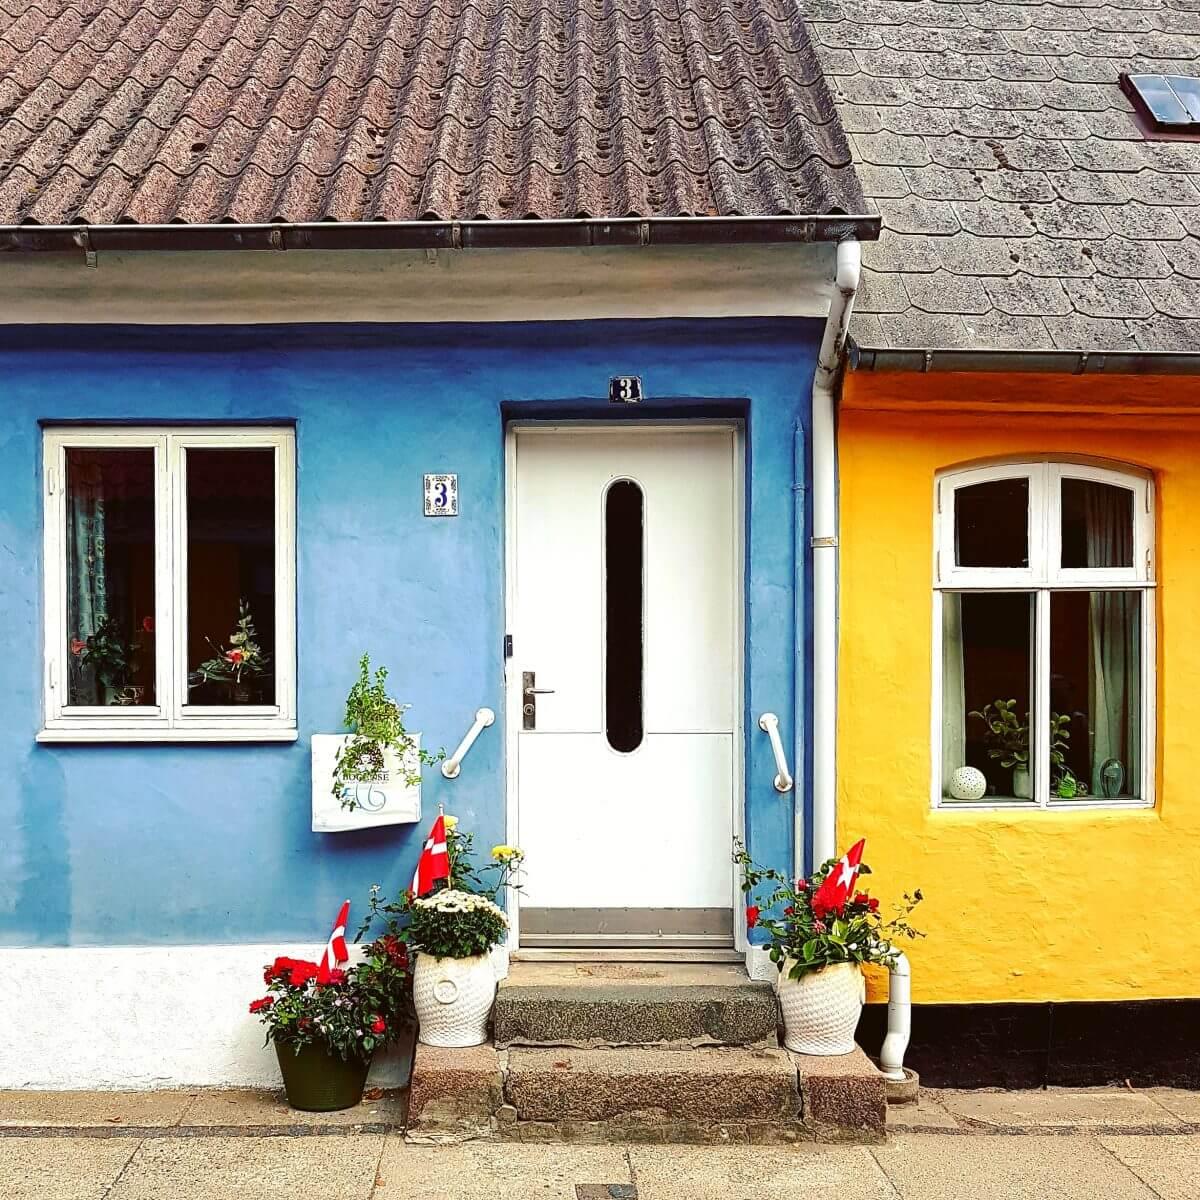 Vakantie met kids: sprookjesachtig Funen in Denemarken - de oude stad Bogense met strand en haven - gekleurde huizen - coloured houses Denmark Bogense